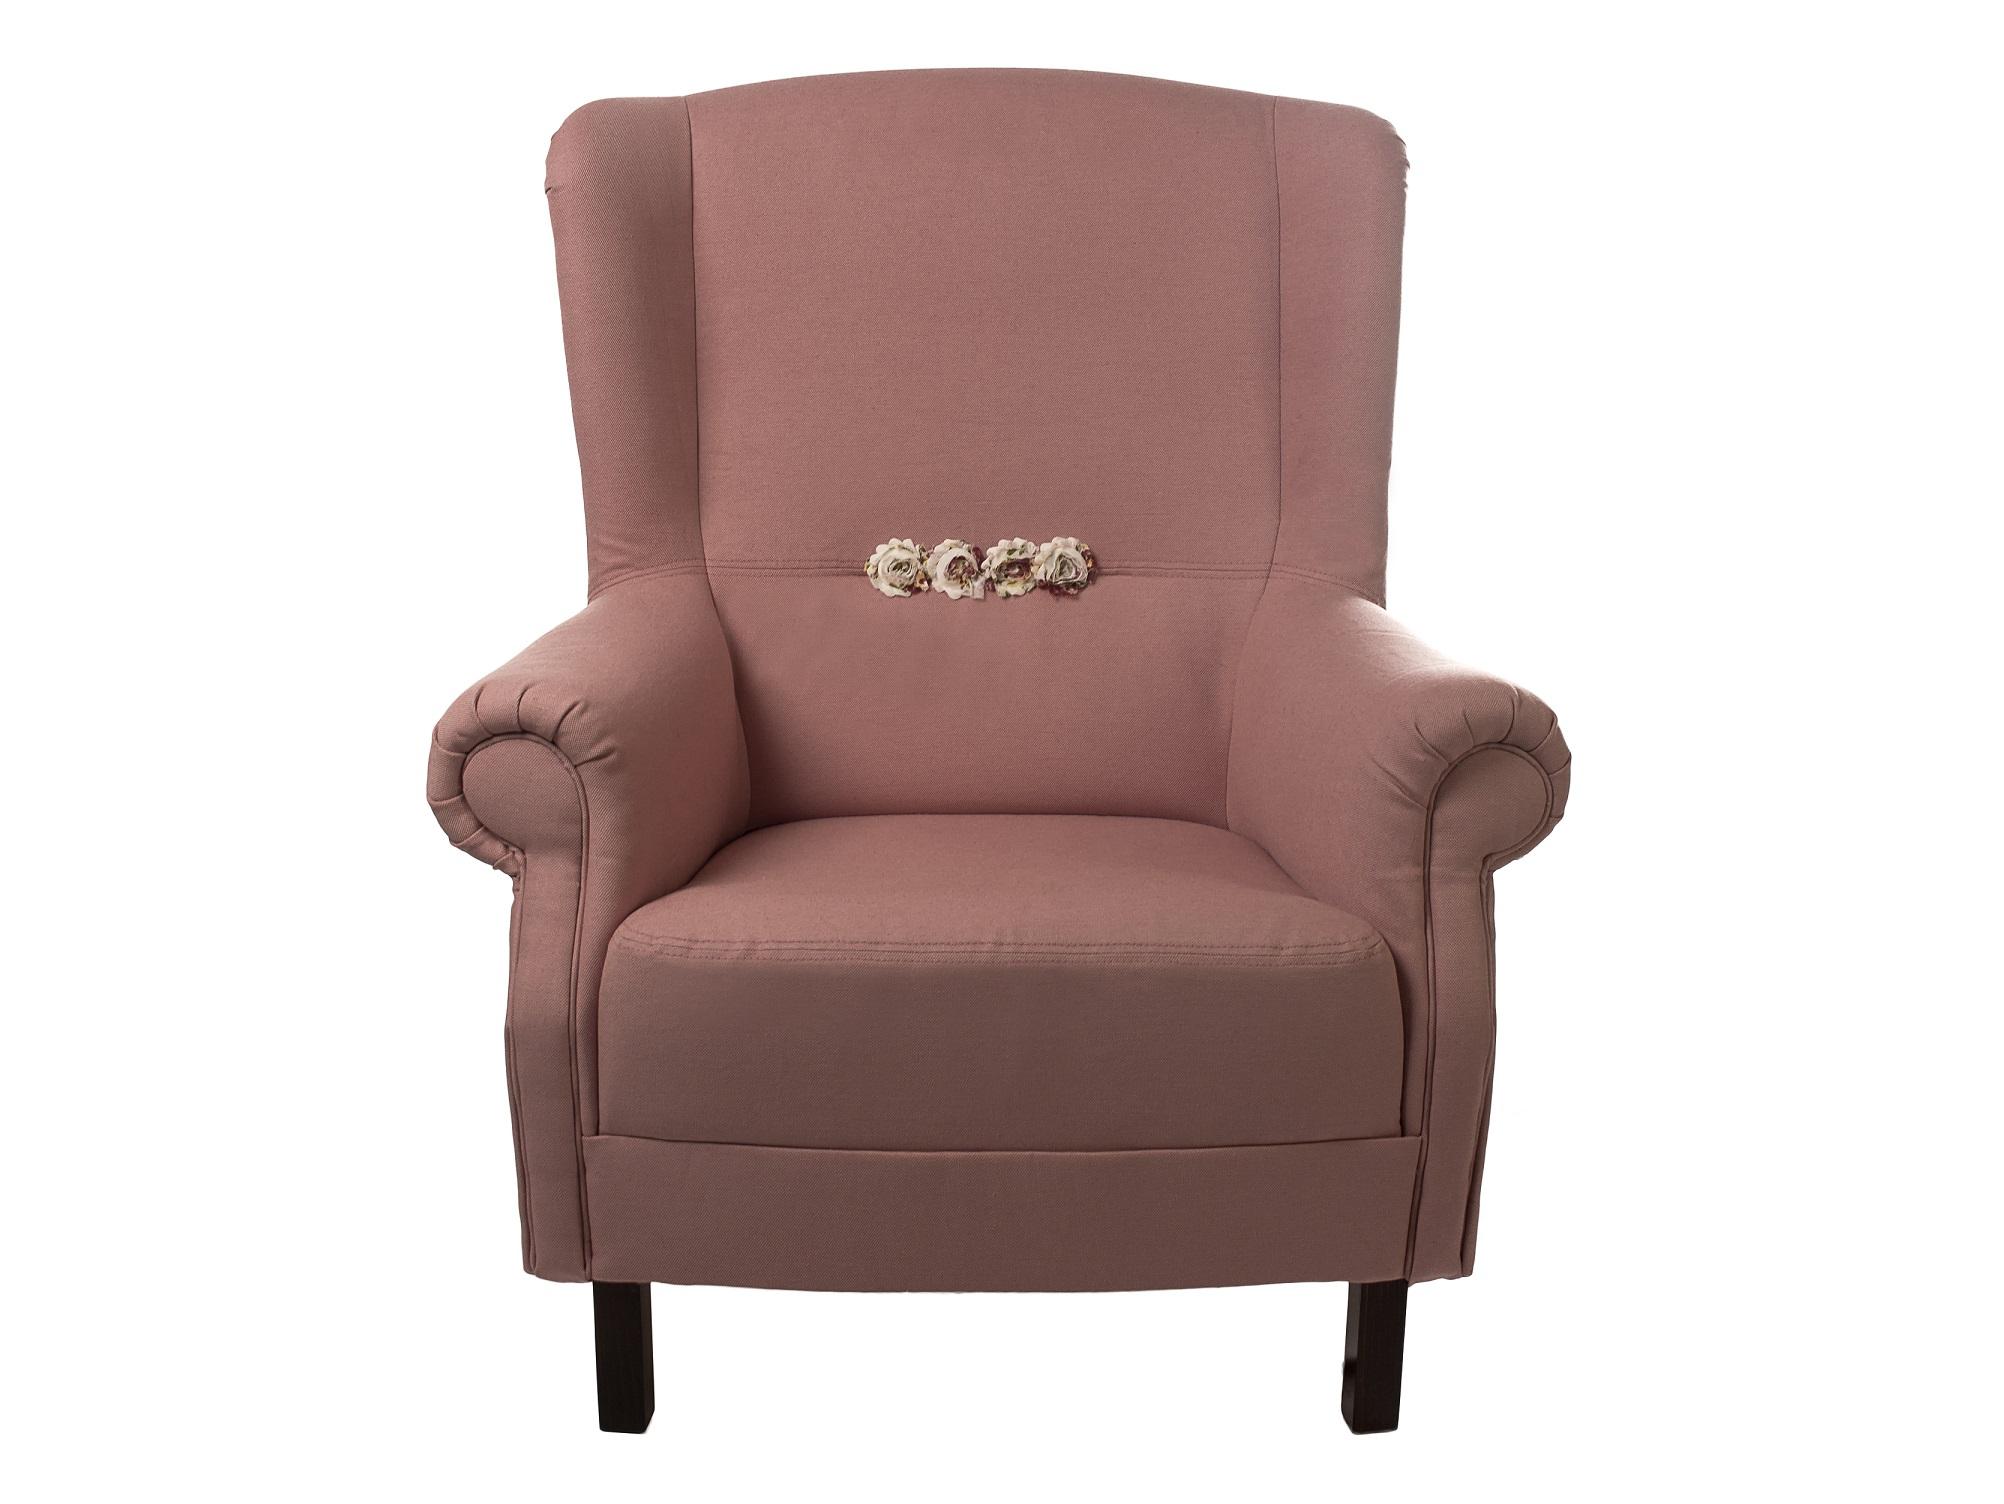 Кресло La Neige 15443805 от thefurnish